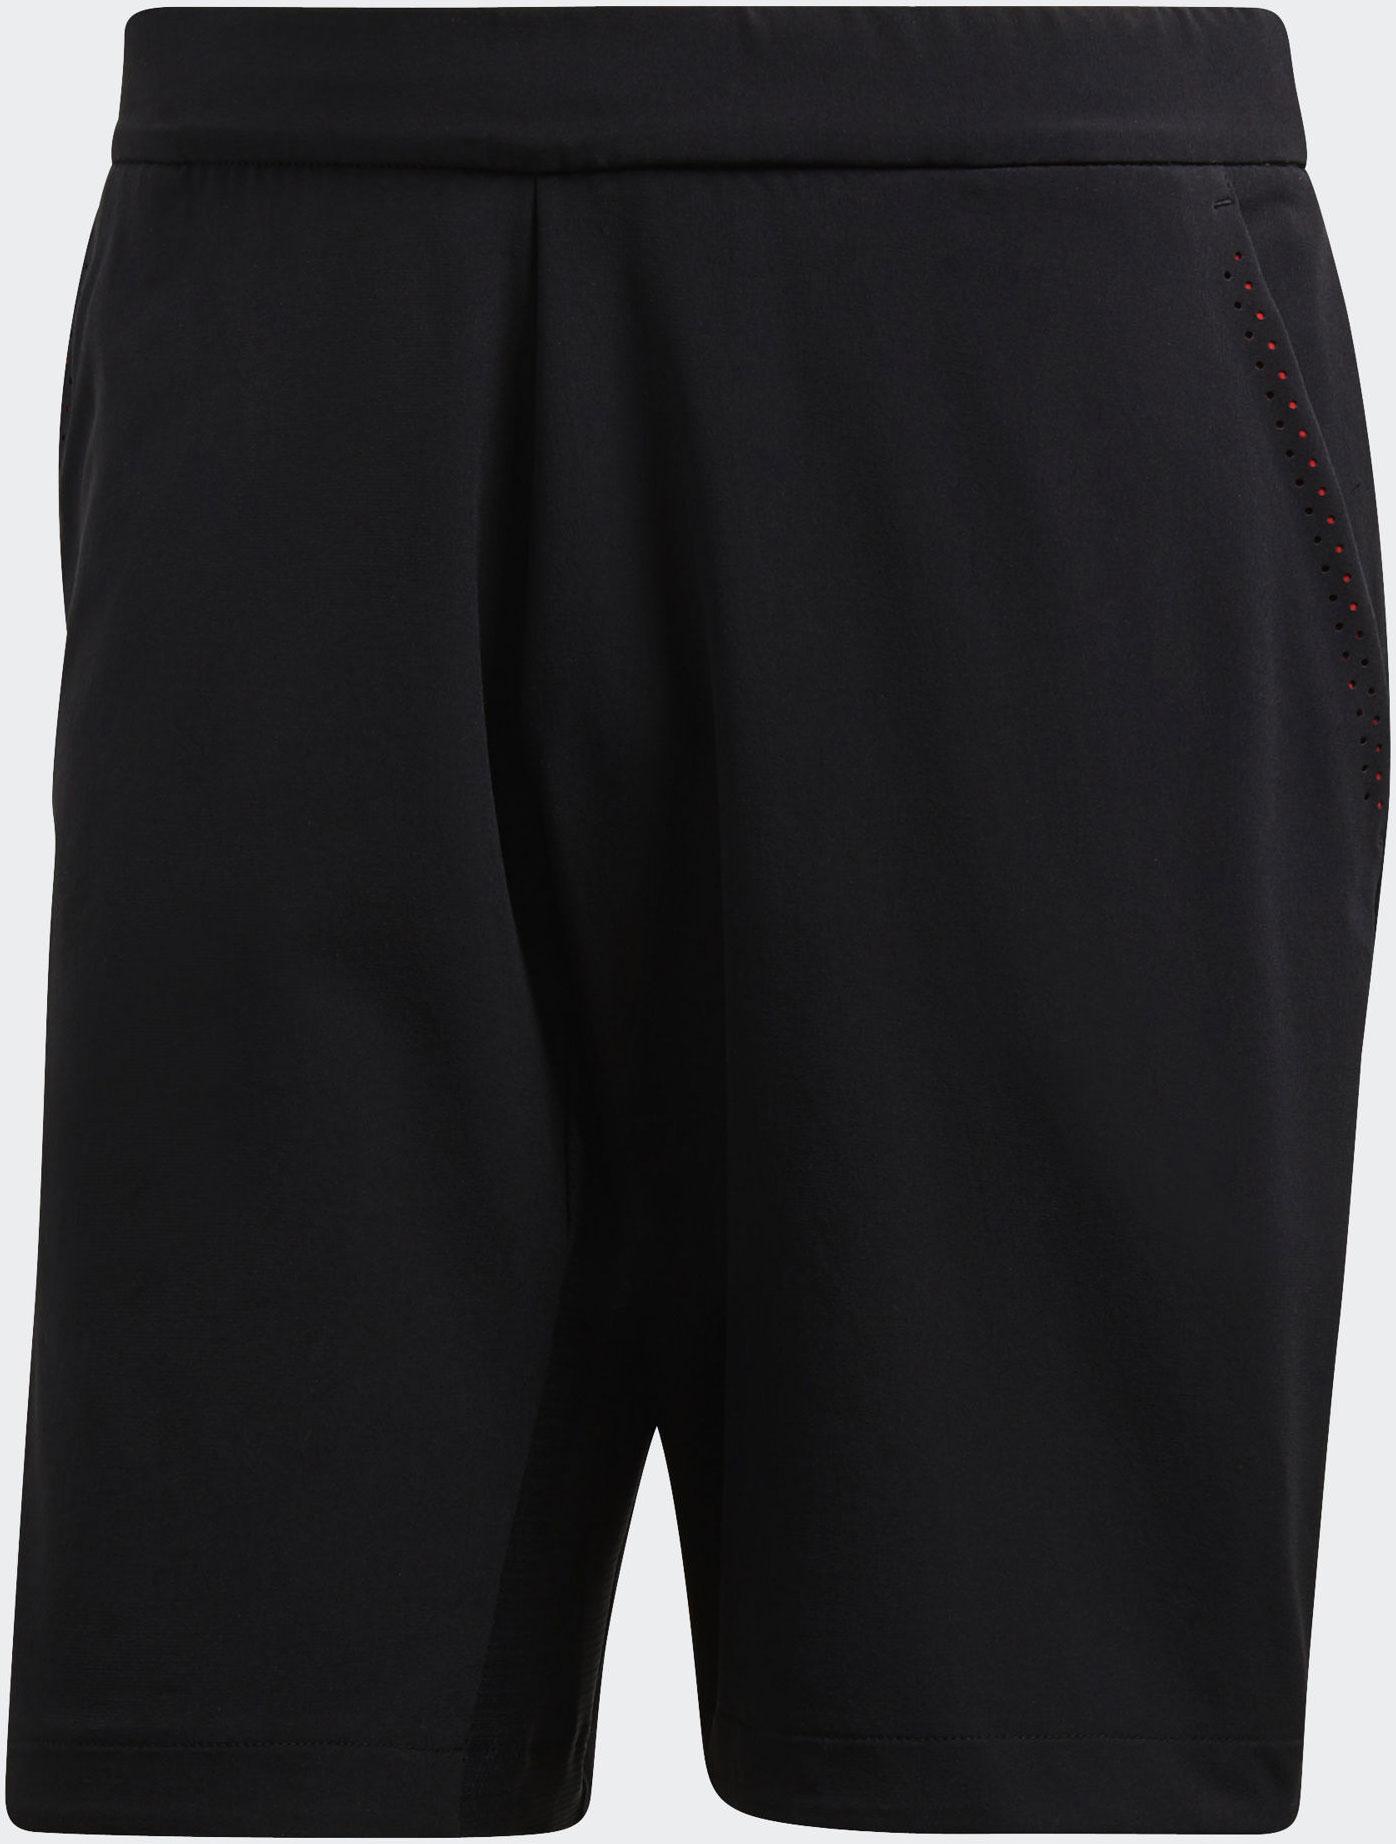 Шорты мужские Adidas Bcade Bermuda, цвет: черный. CE1392. Размер L (52/54)CE1392Мужские теннисные шорты для жаркой погоды. Эти бермуды выбирают профессиональные спортсмены. Сетчатая вставка обеспечивает циркуляцию воздуха. Быстросохнущая дышащая ткань с технологией Climacool сохраняет приятное ощущение прохлады и свежести и защищает от УФ-лучей.Технология Climacool помогает сохранить прохладу и комфорт даже в жаркую погодуБоковые прорезные карманыШирокий эластичный пояс на регулируемых завязках-шнурках с зигзагообразной линиейСетчатая вставка на внутренней стороне бедра обеспечивает дополнительную вентиляцию и свободу движенийЗащита от УФ-лучей 50+Логотип adidas над манжетомКлассический крой: баланс свободы движений и спортивной функциональности